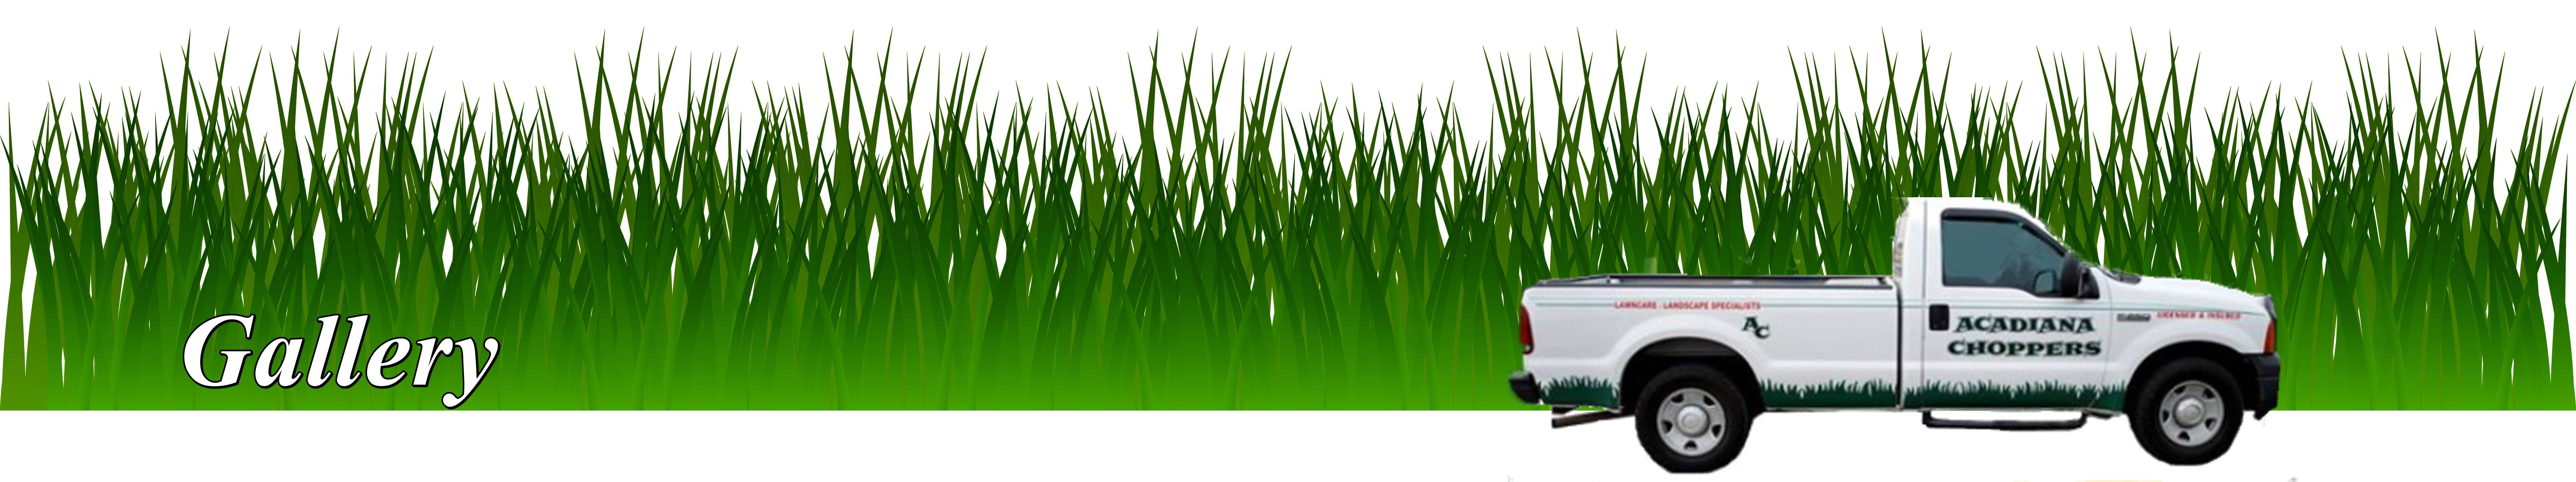 Lawn & Landscaping Gallery Lafayette, LA